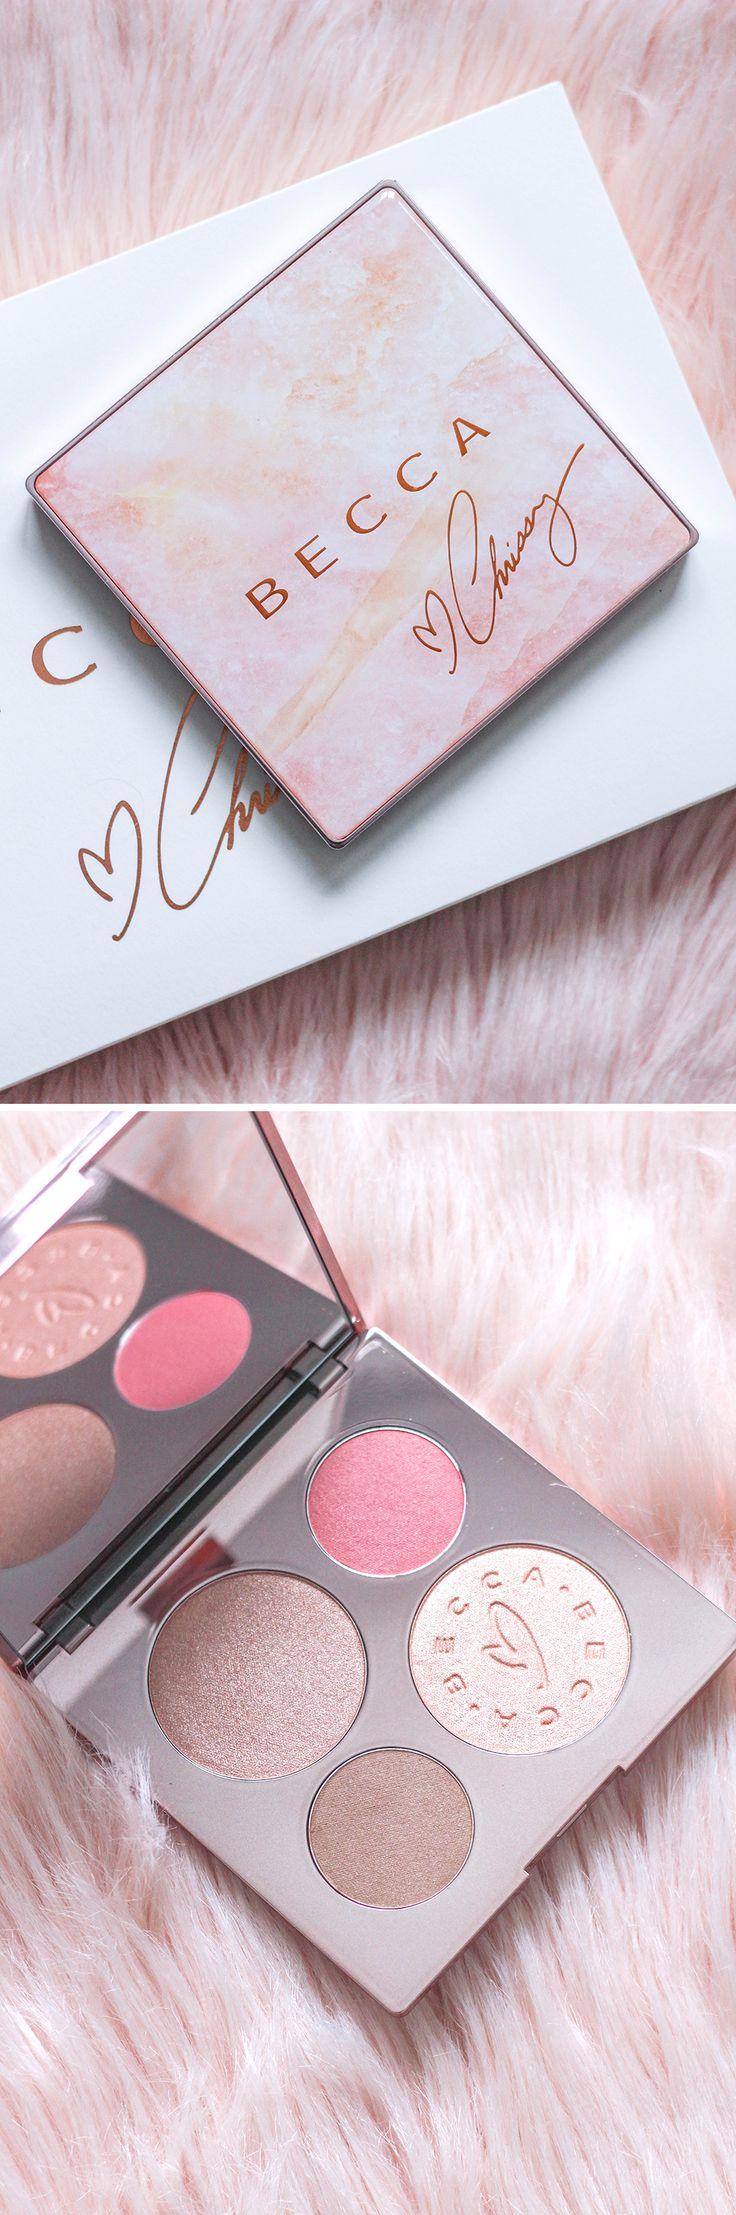 Becca Chrissy Teigen Palette Review | Becca x Chrissy Teigen Glow Face Palette | Makeup Review (Favorite Lipstick Posts)